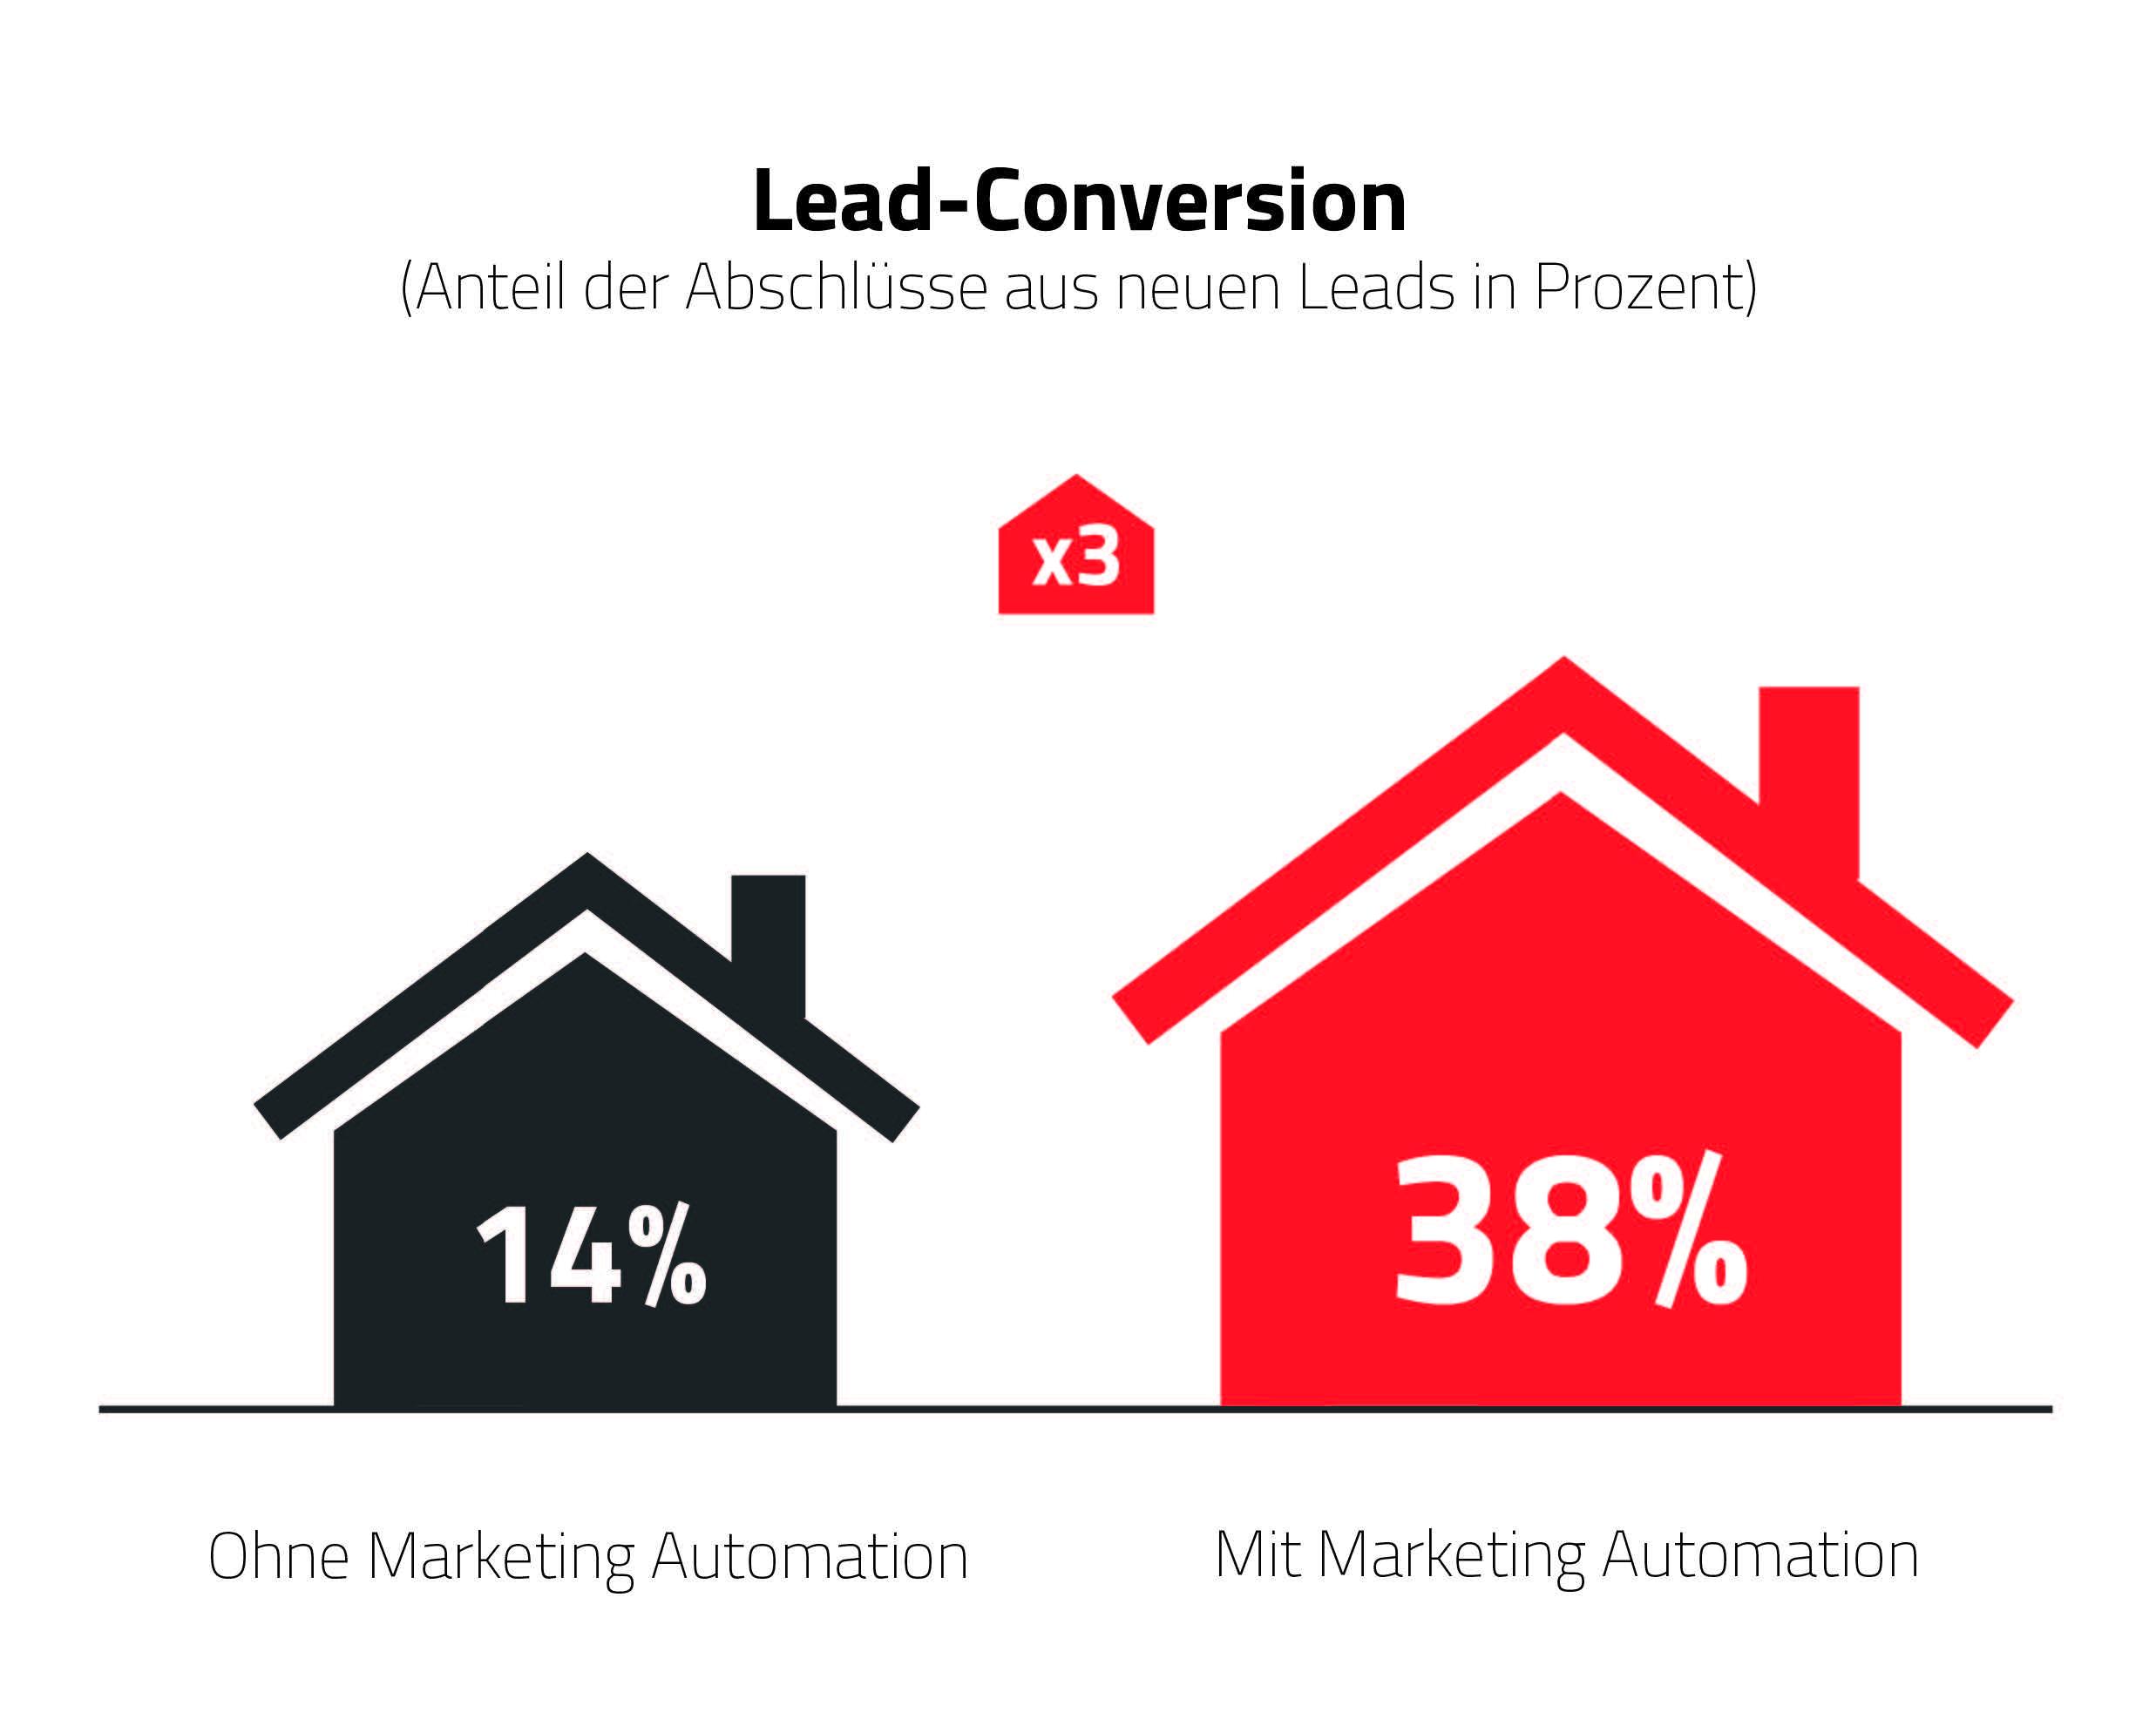 Beispiel: Dank Marketing Automation ließ sich die Lead-Conversion nahezu verdreifachen. Quelle: Evalanche (SC-Networks GmbH).